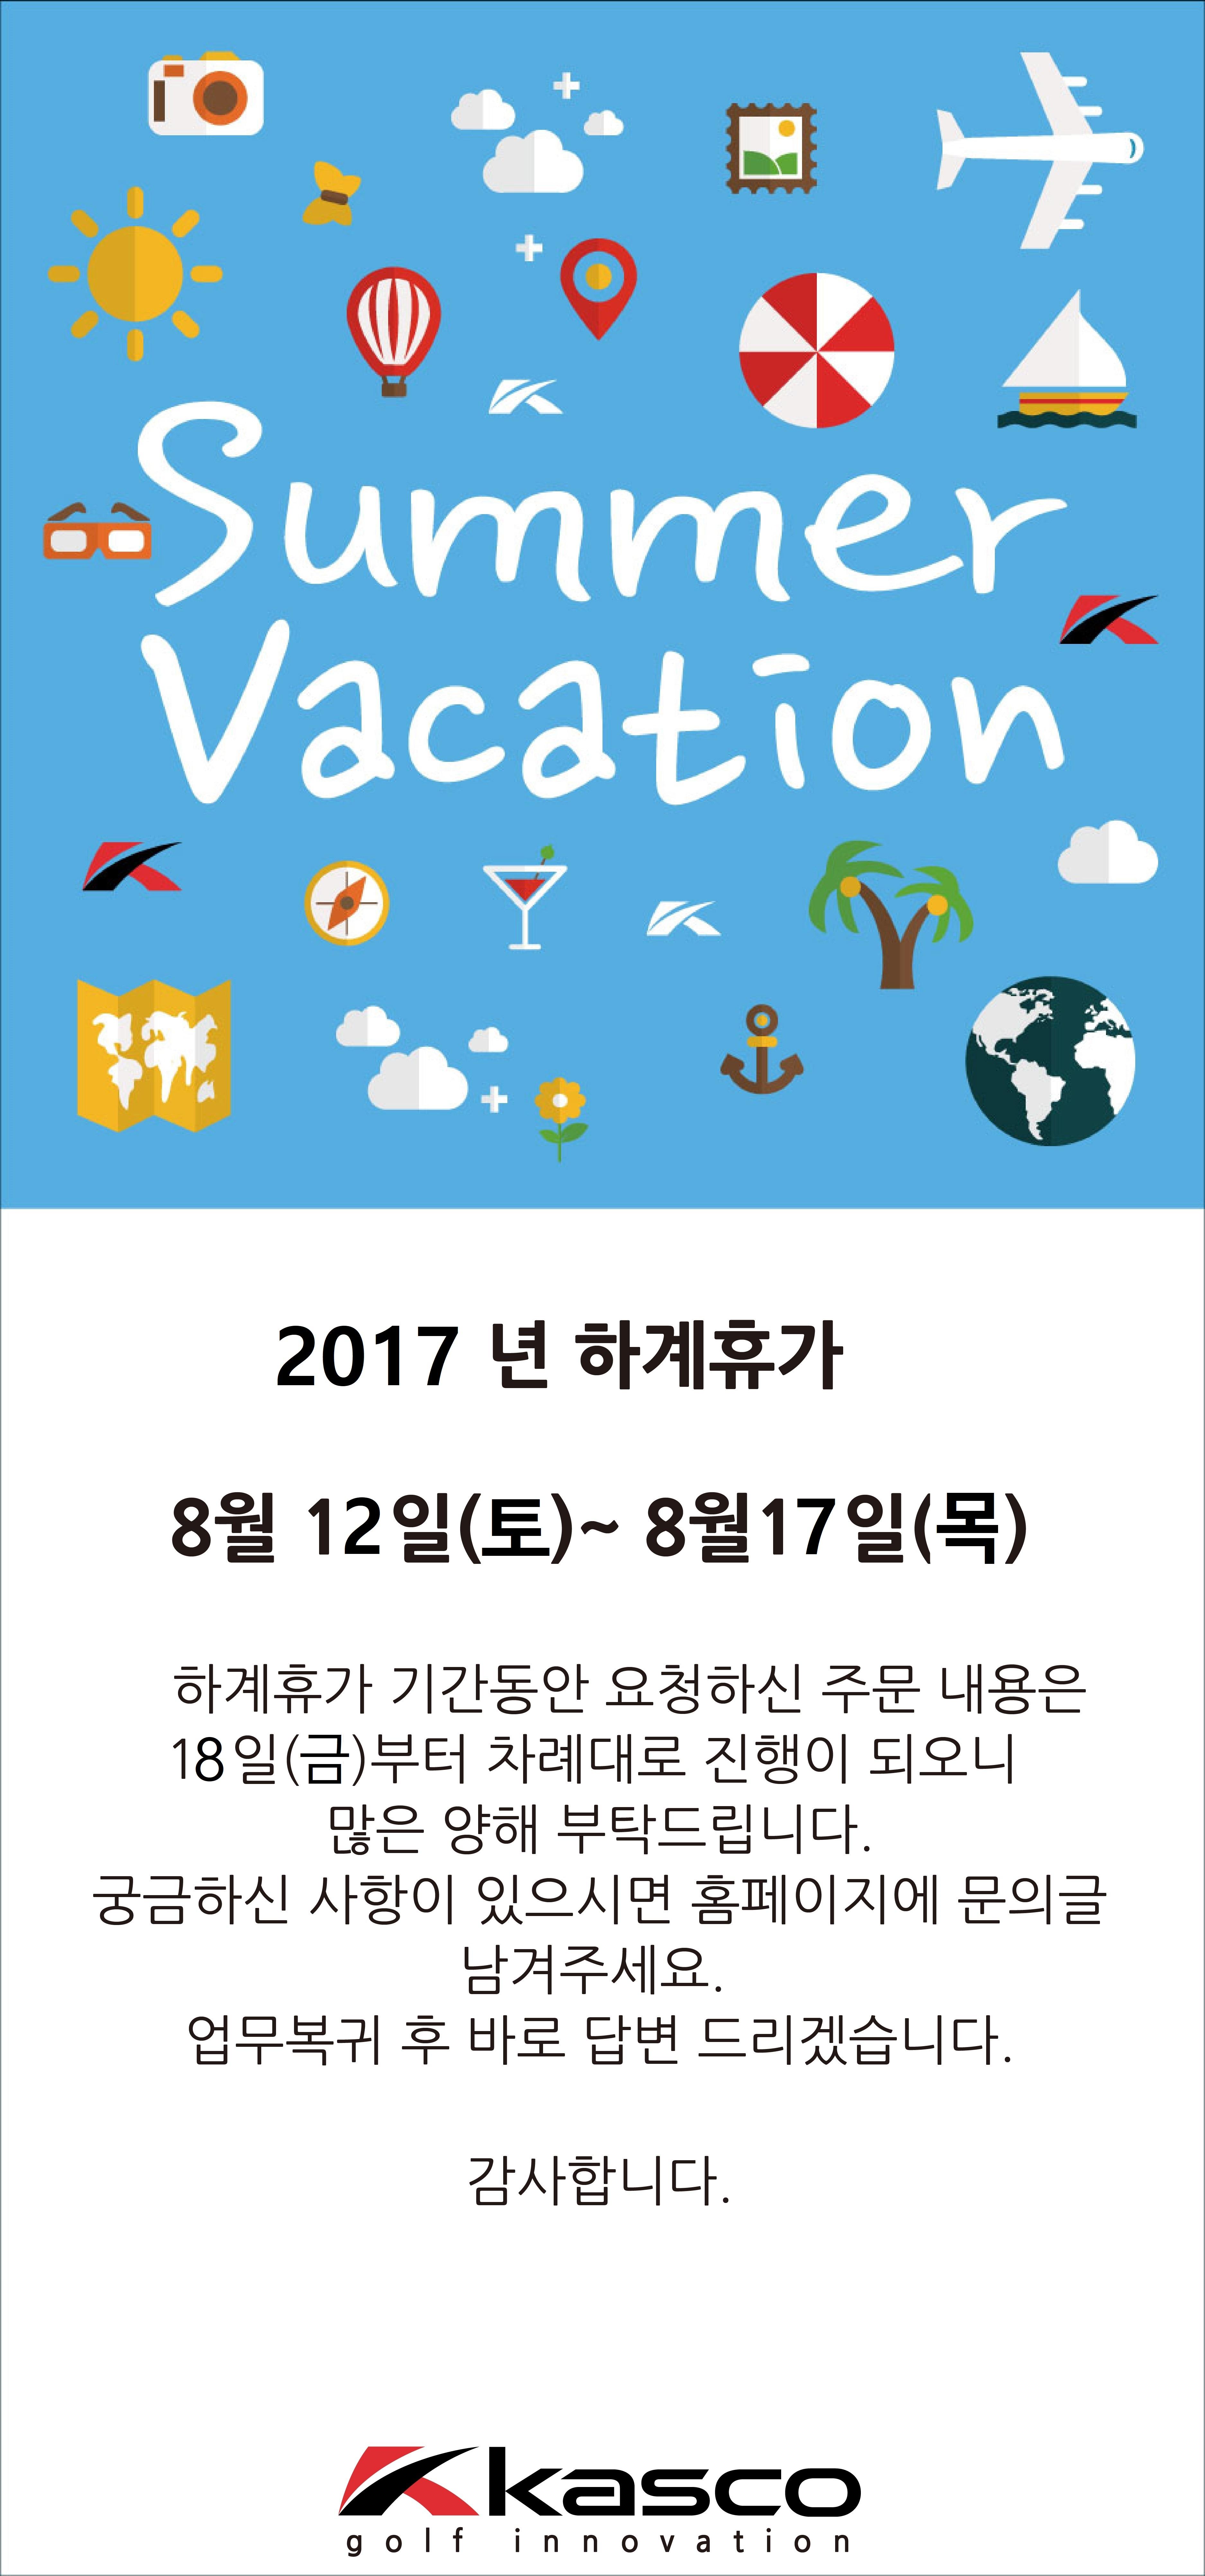 하계휴가공지_카스코2017